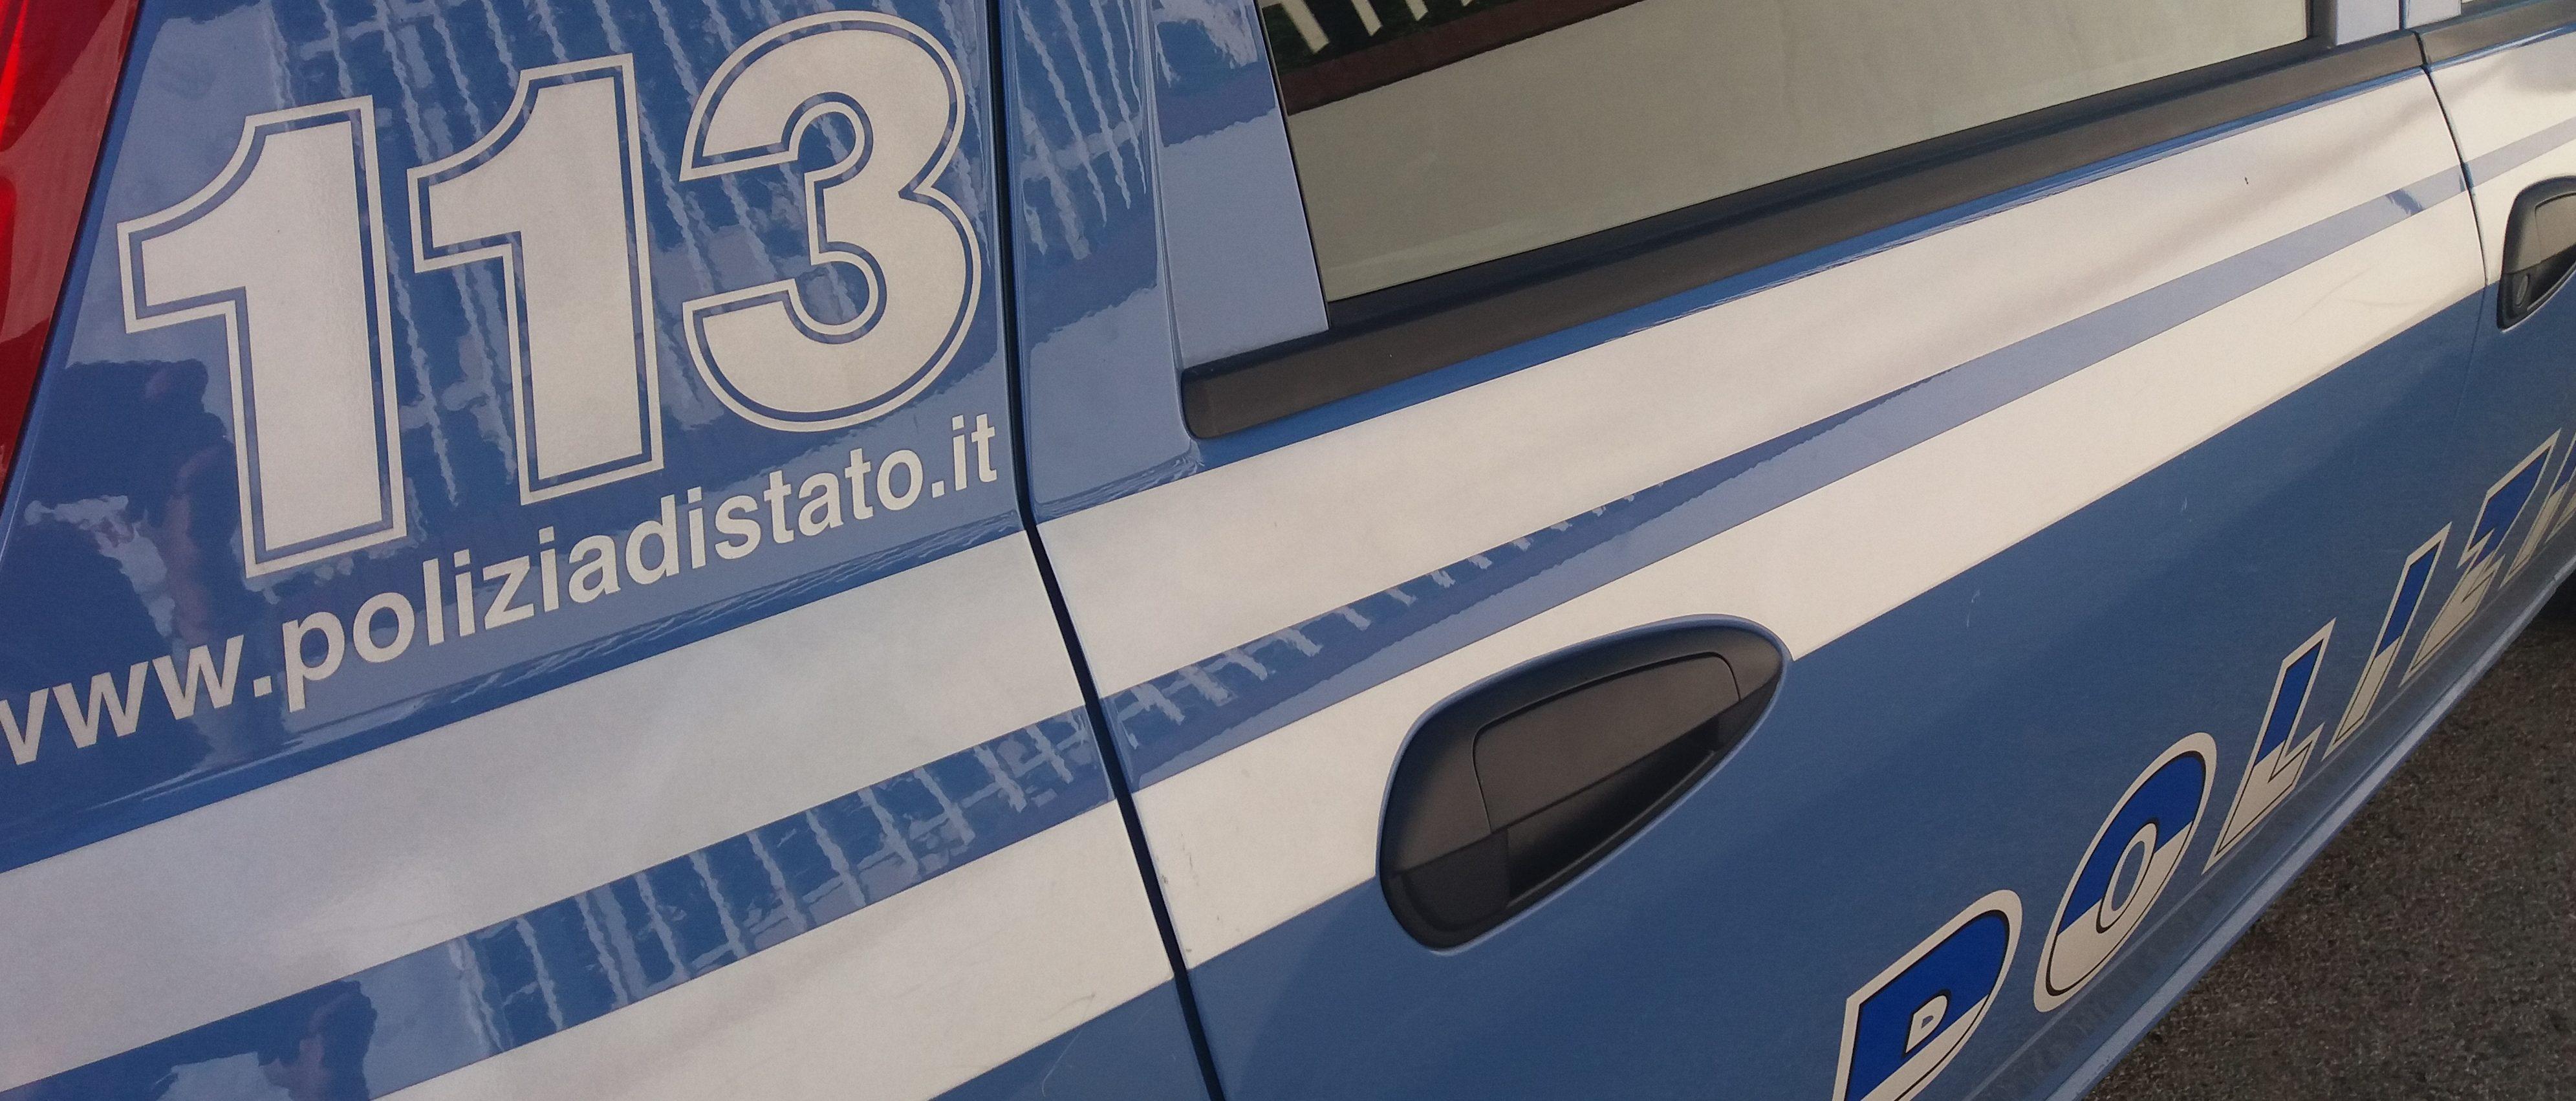 Benevento  Rapina in un distributore di carburanti,rubati 1000 euro